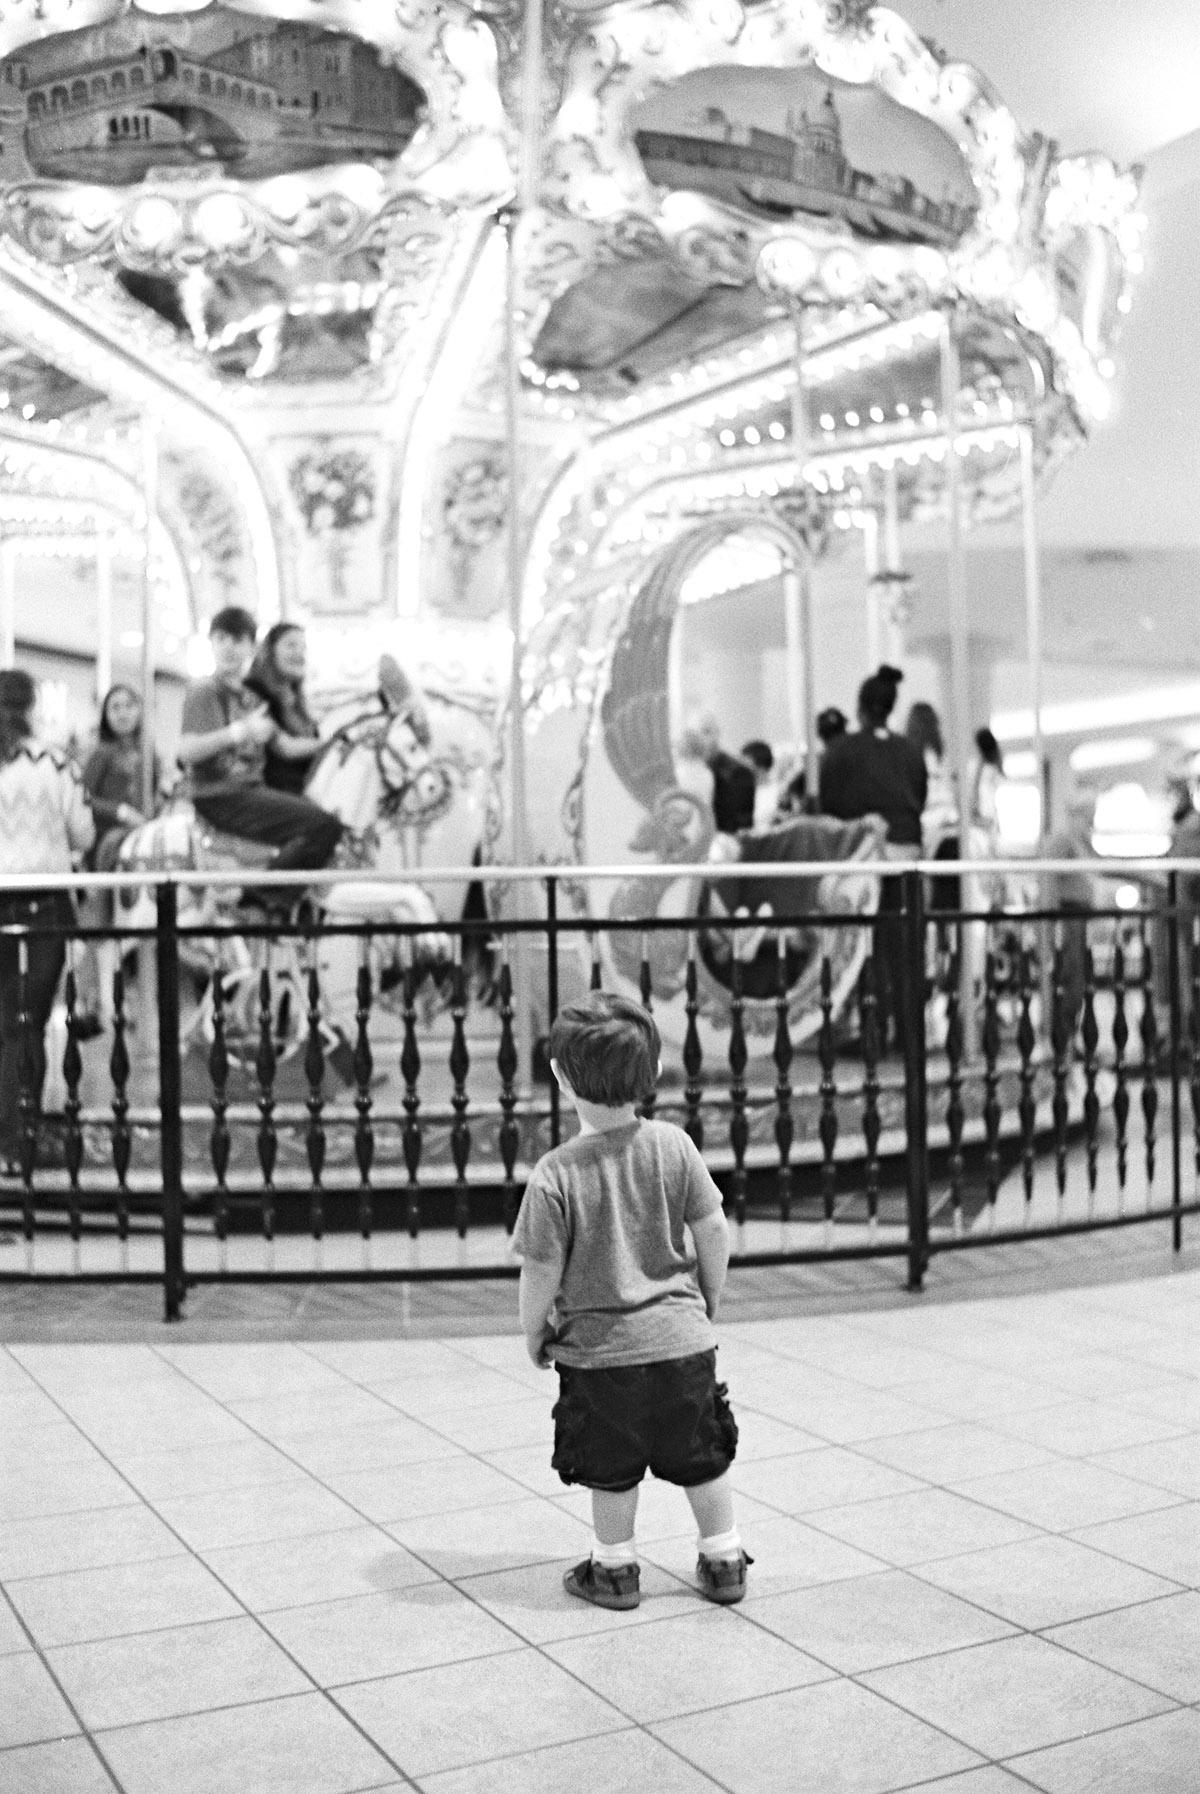 AsaBritt_Mall.jpg